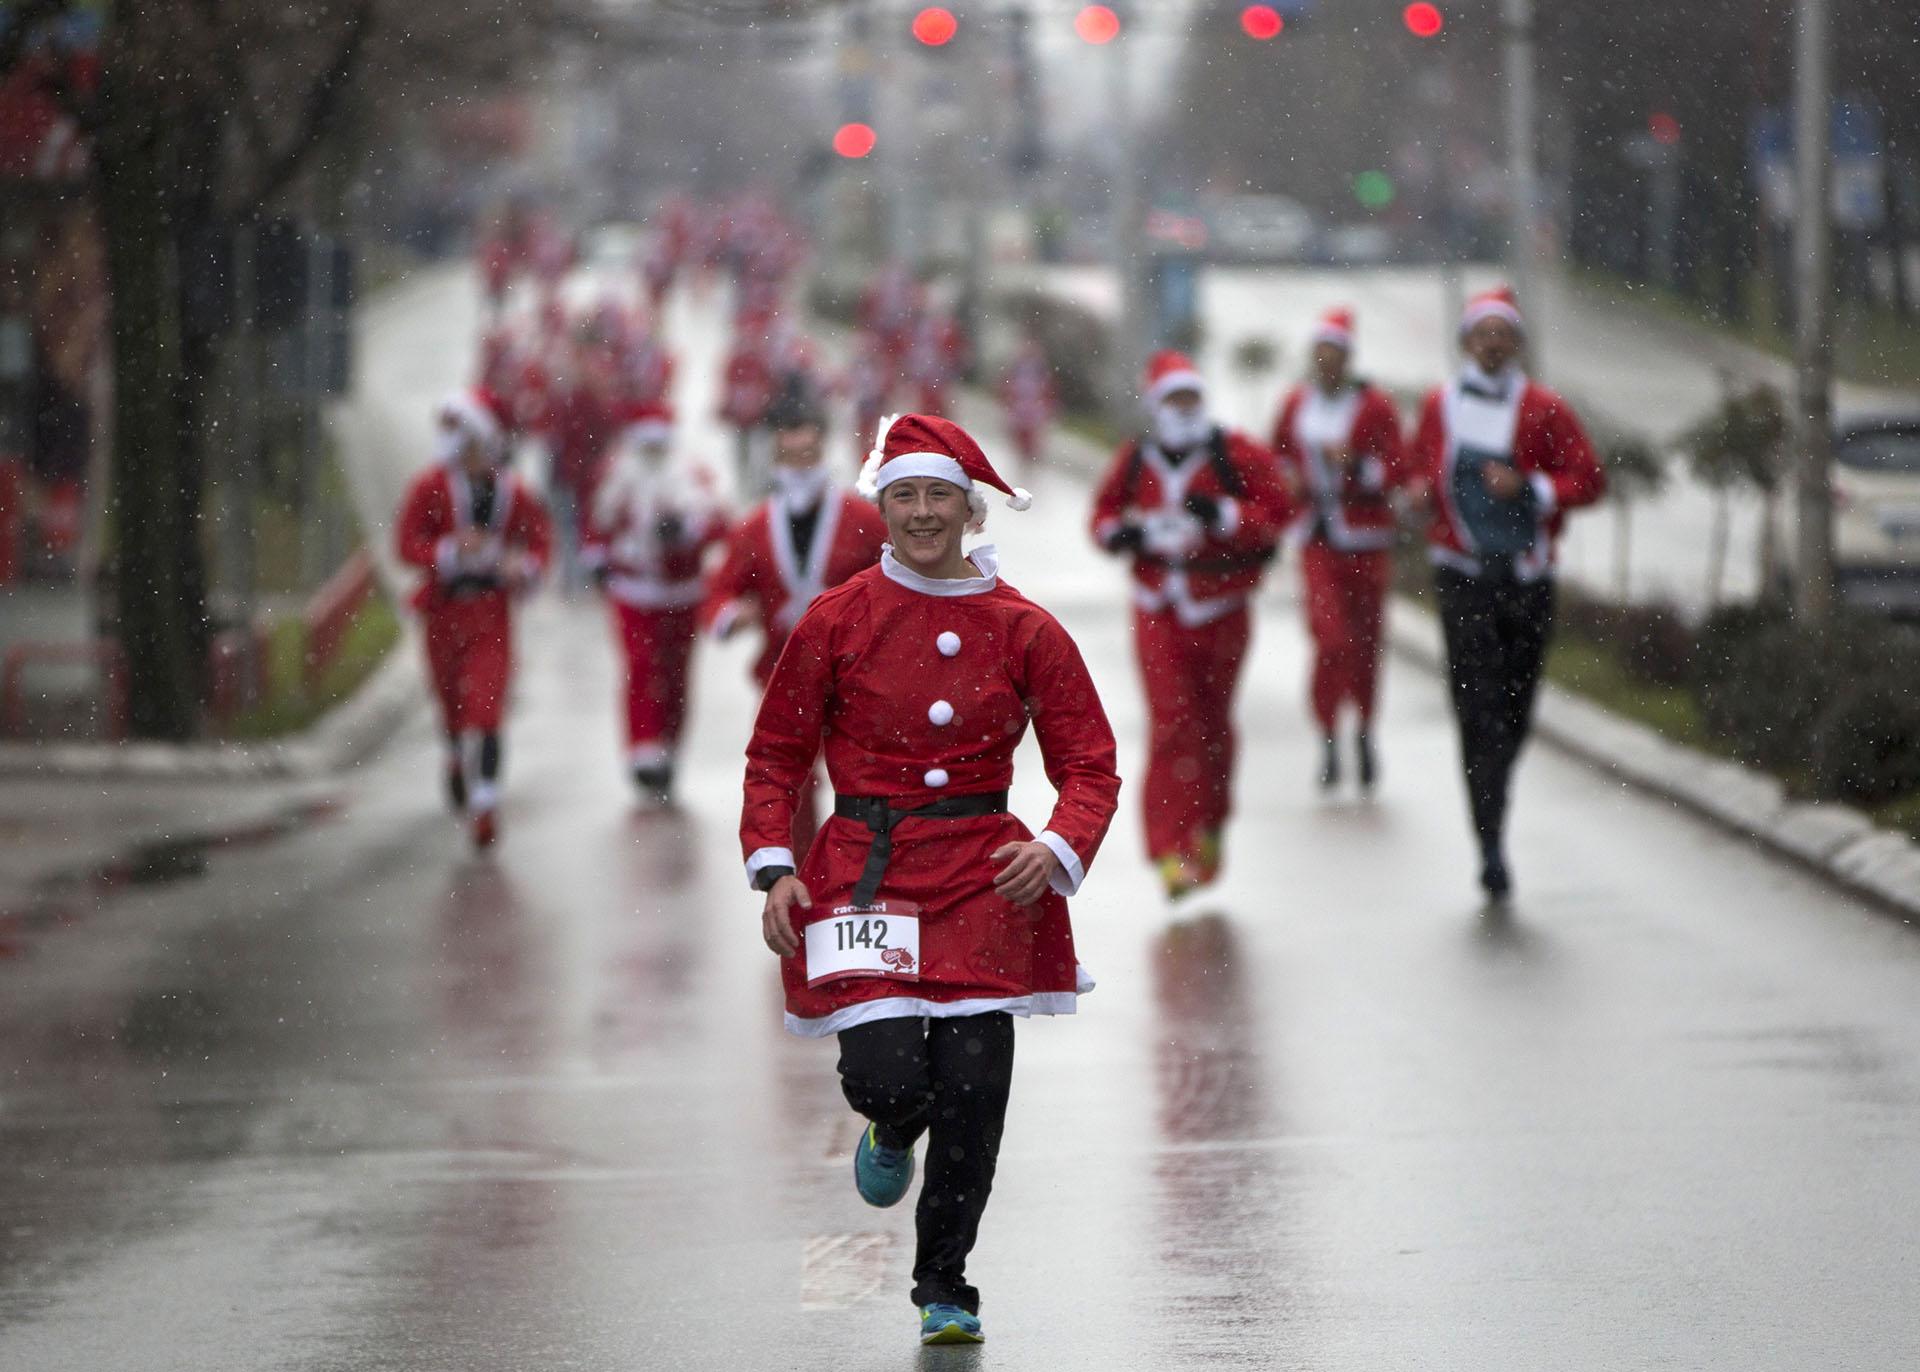 Personas que visten trajes de Santa Claus participan en la segunda carrera de Papá Noel en Pristina, la capital de Kosovo, el domingo 17 de diciembre de 2017. (AP)